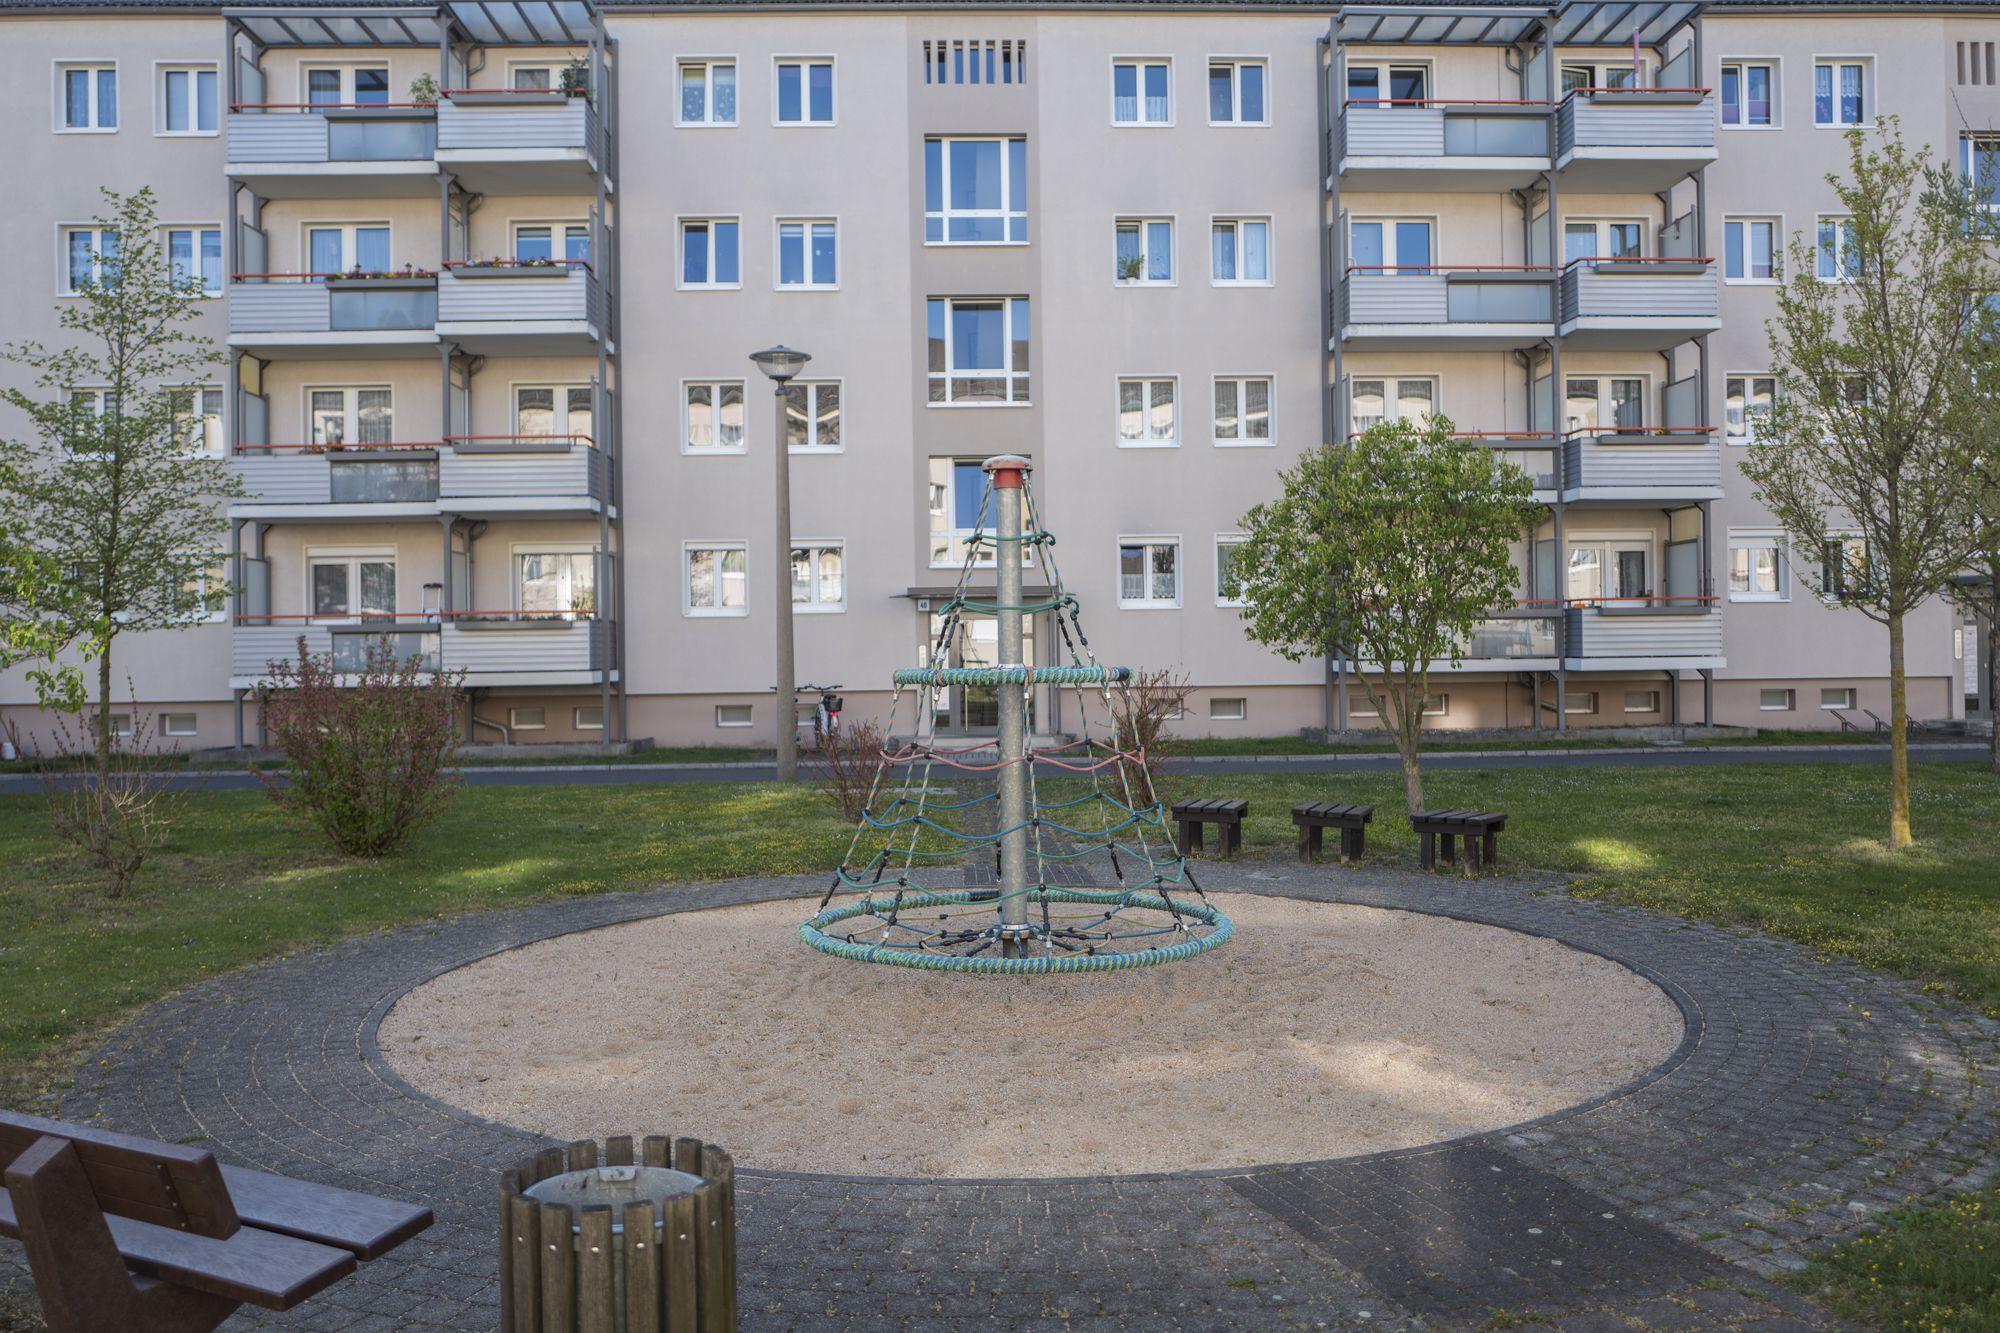 Spielplätze - Harald Kannwischer 01